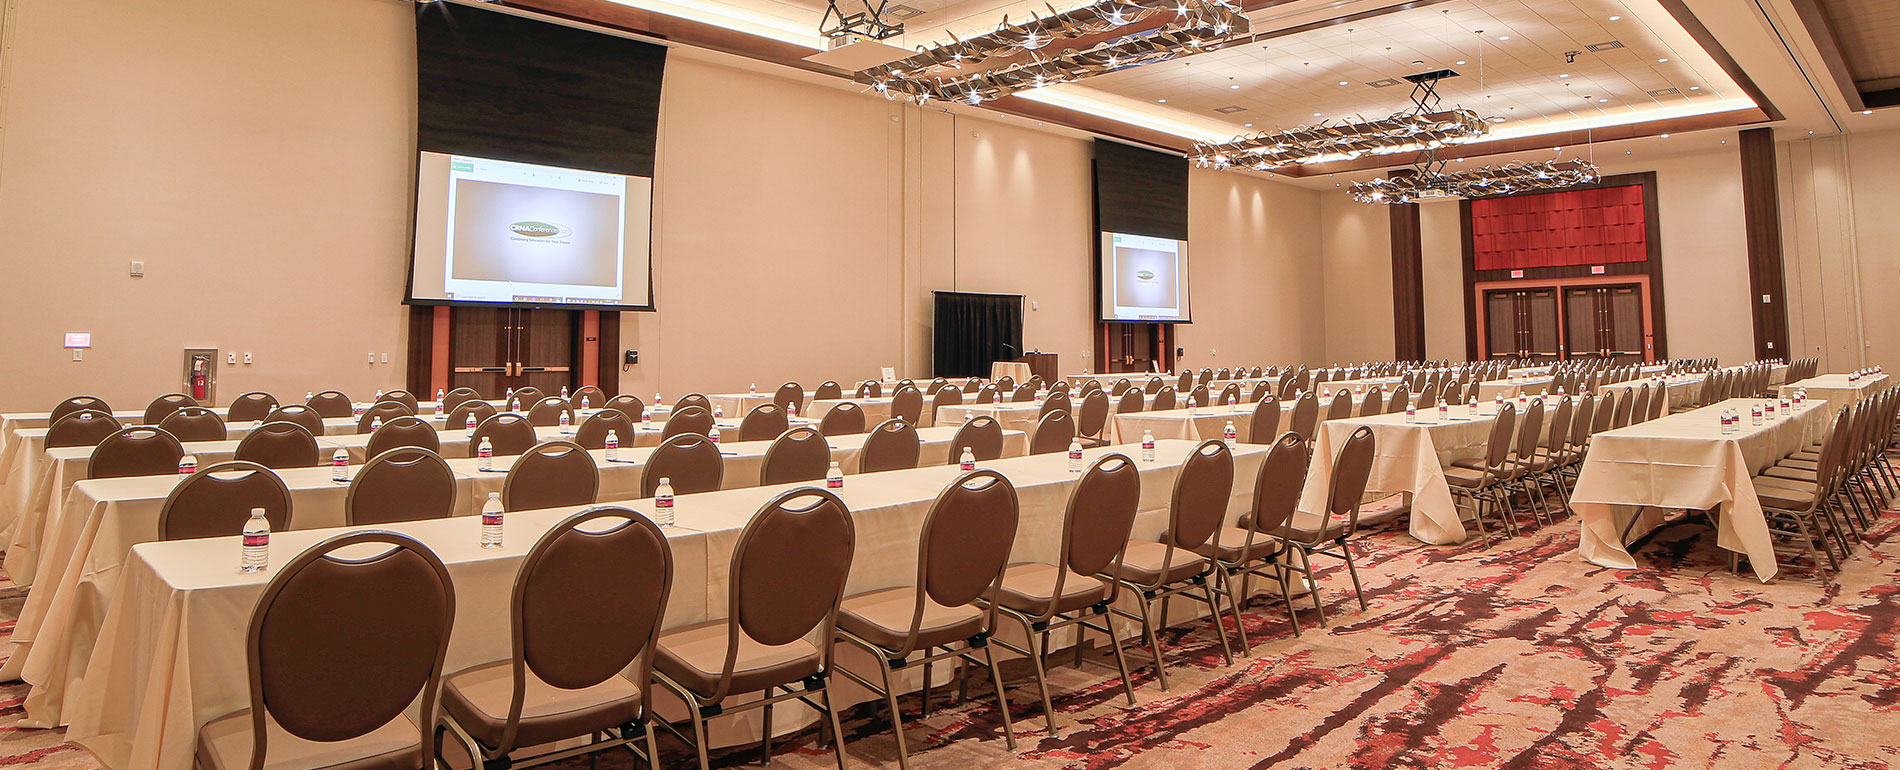 pocono convention center - classroom setup